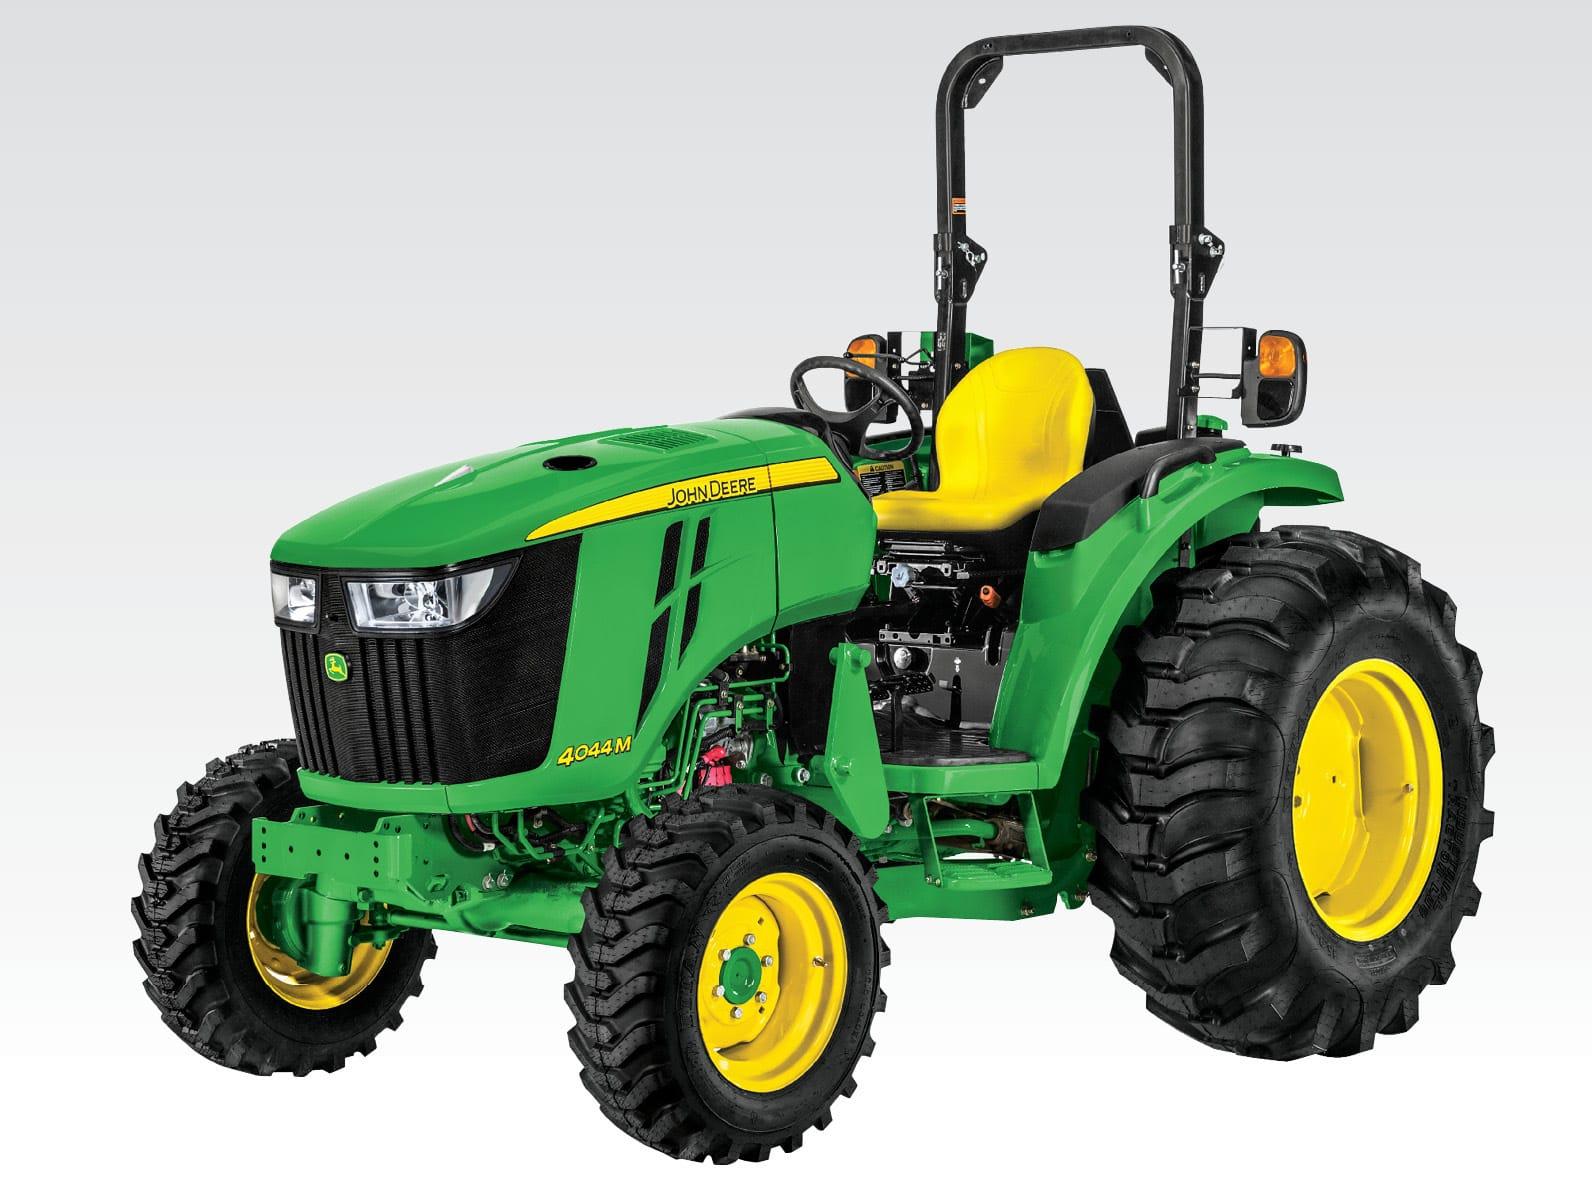 Best John Deere Tractor For Food Plots